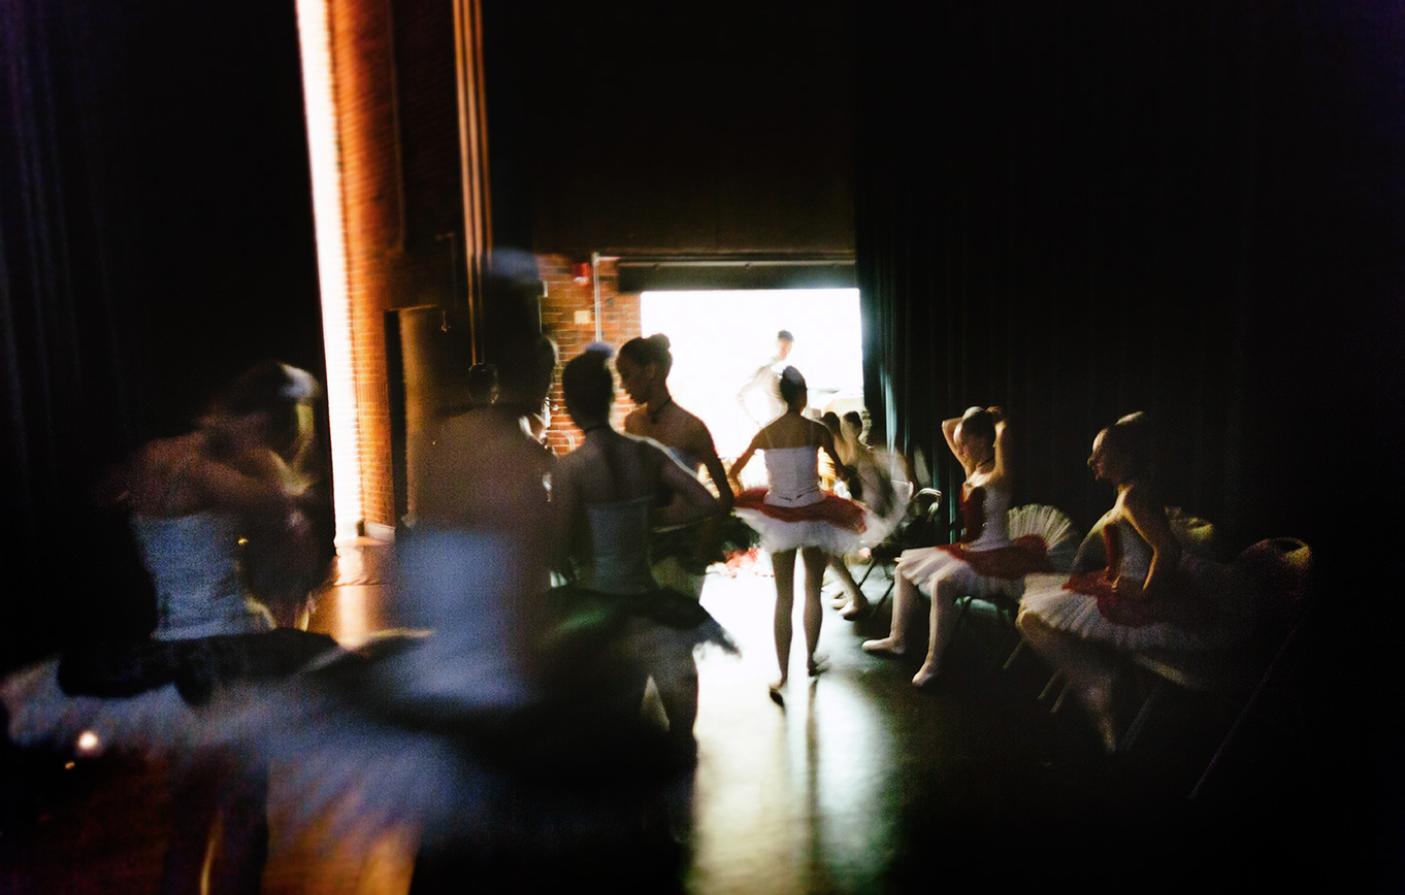 backstage ballet dancers